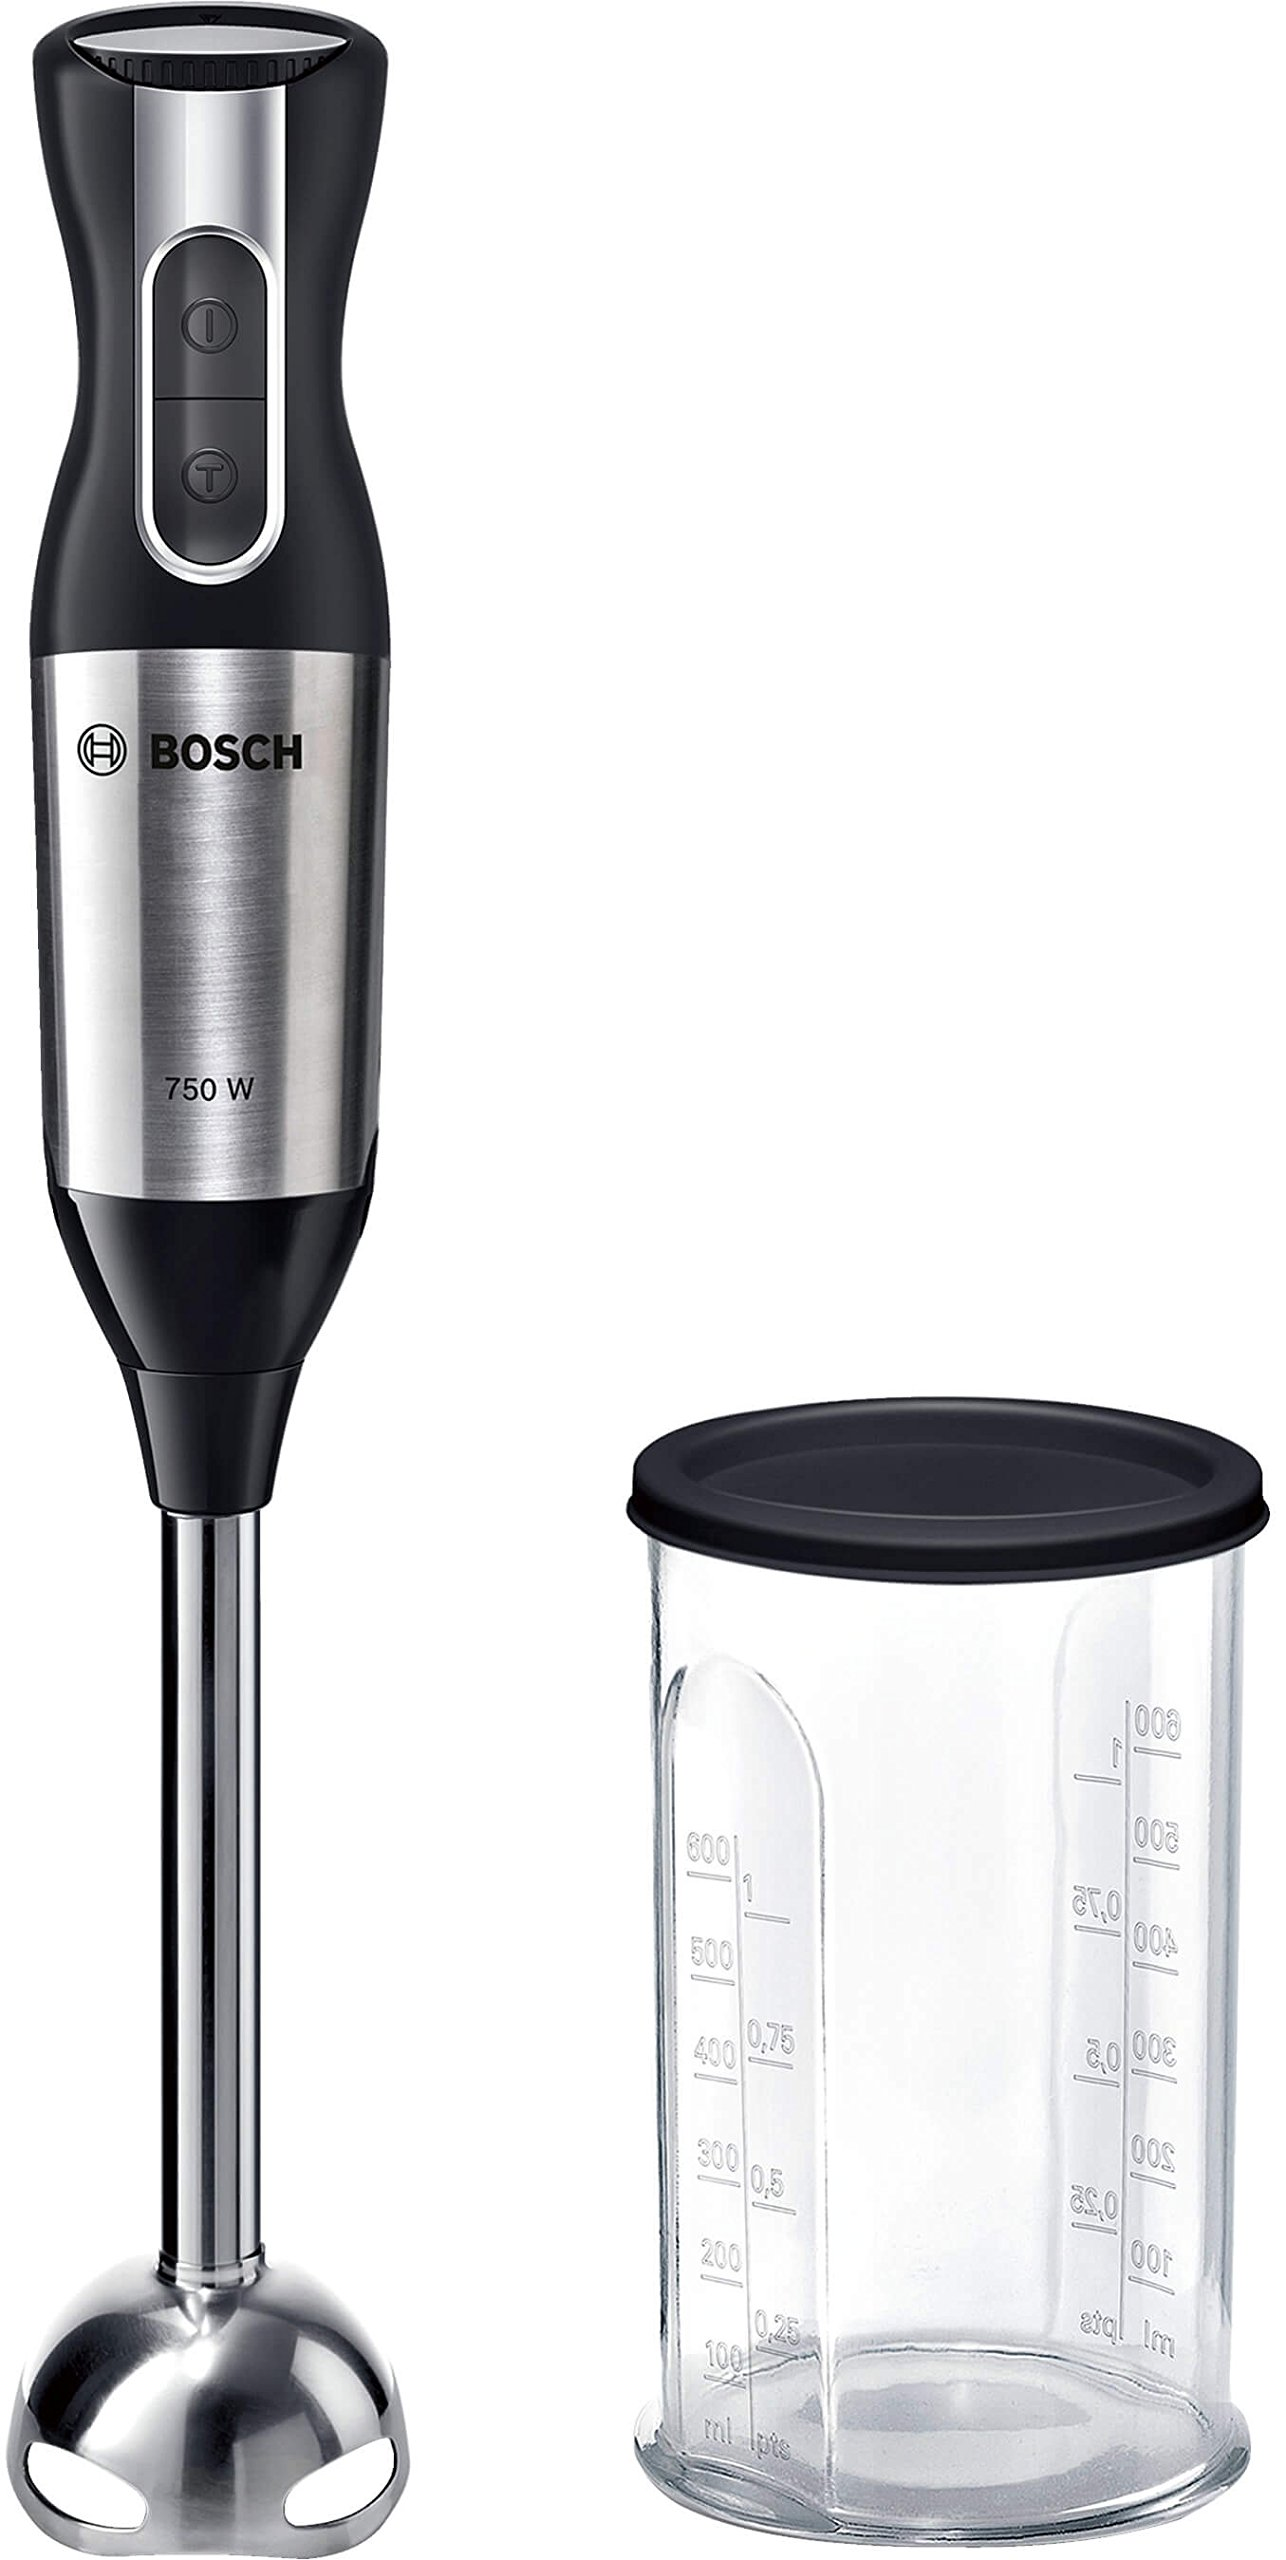 Bosch-ErgoMixx-Style–Stabmixer-750-W-Drehzahlregler-und-Turbofunktion-Kuppel-mit-vier-Klingen